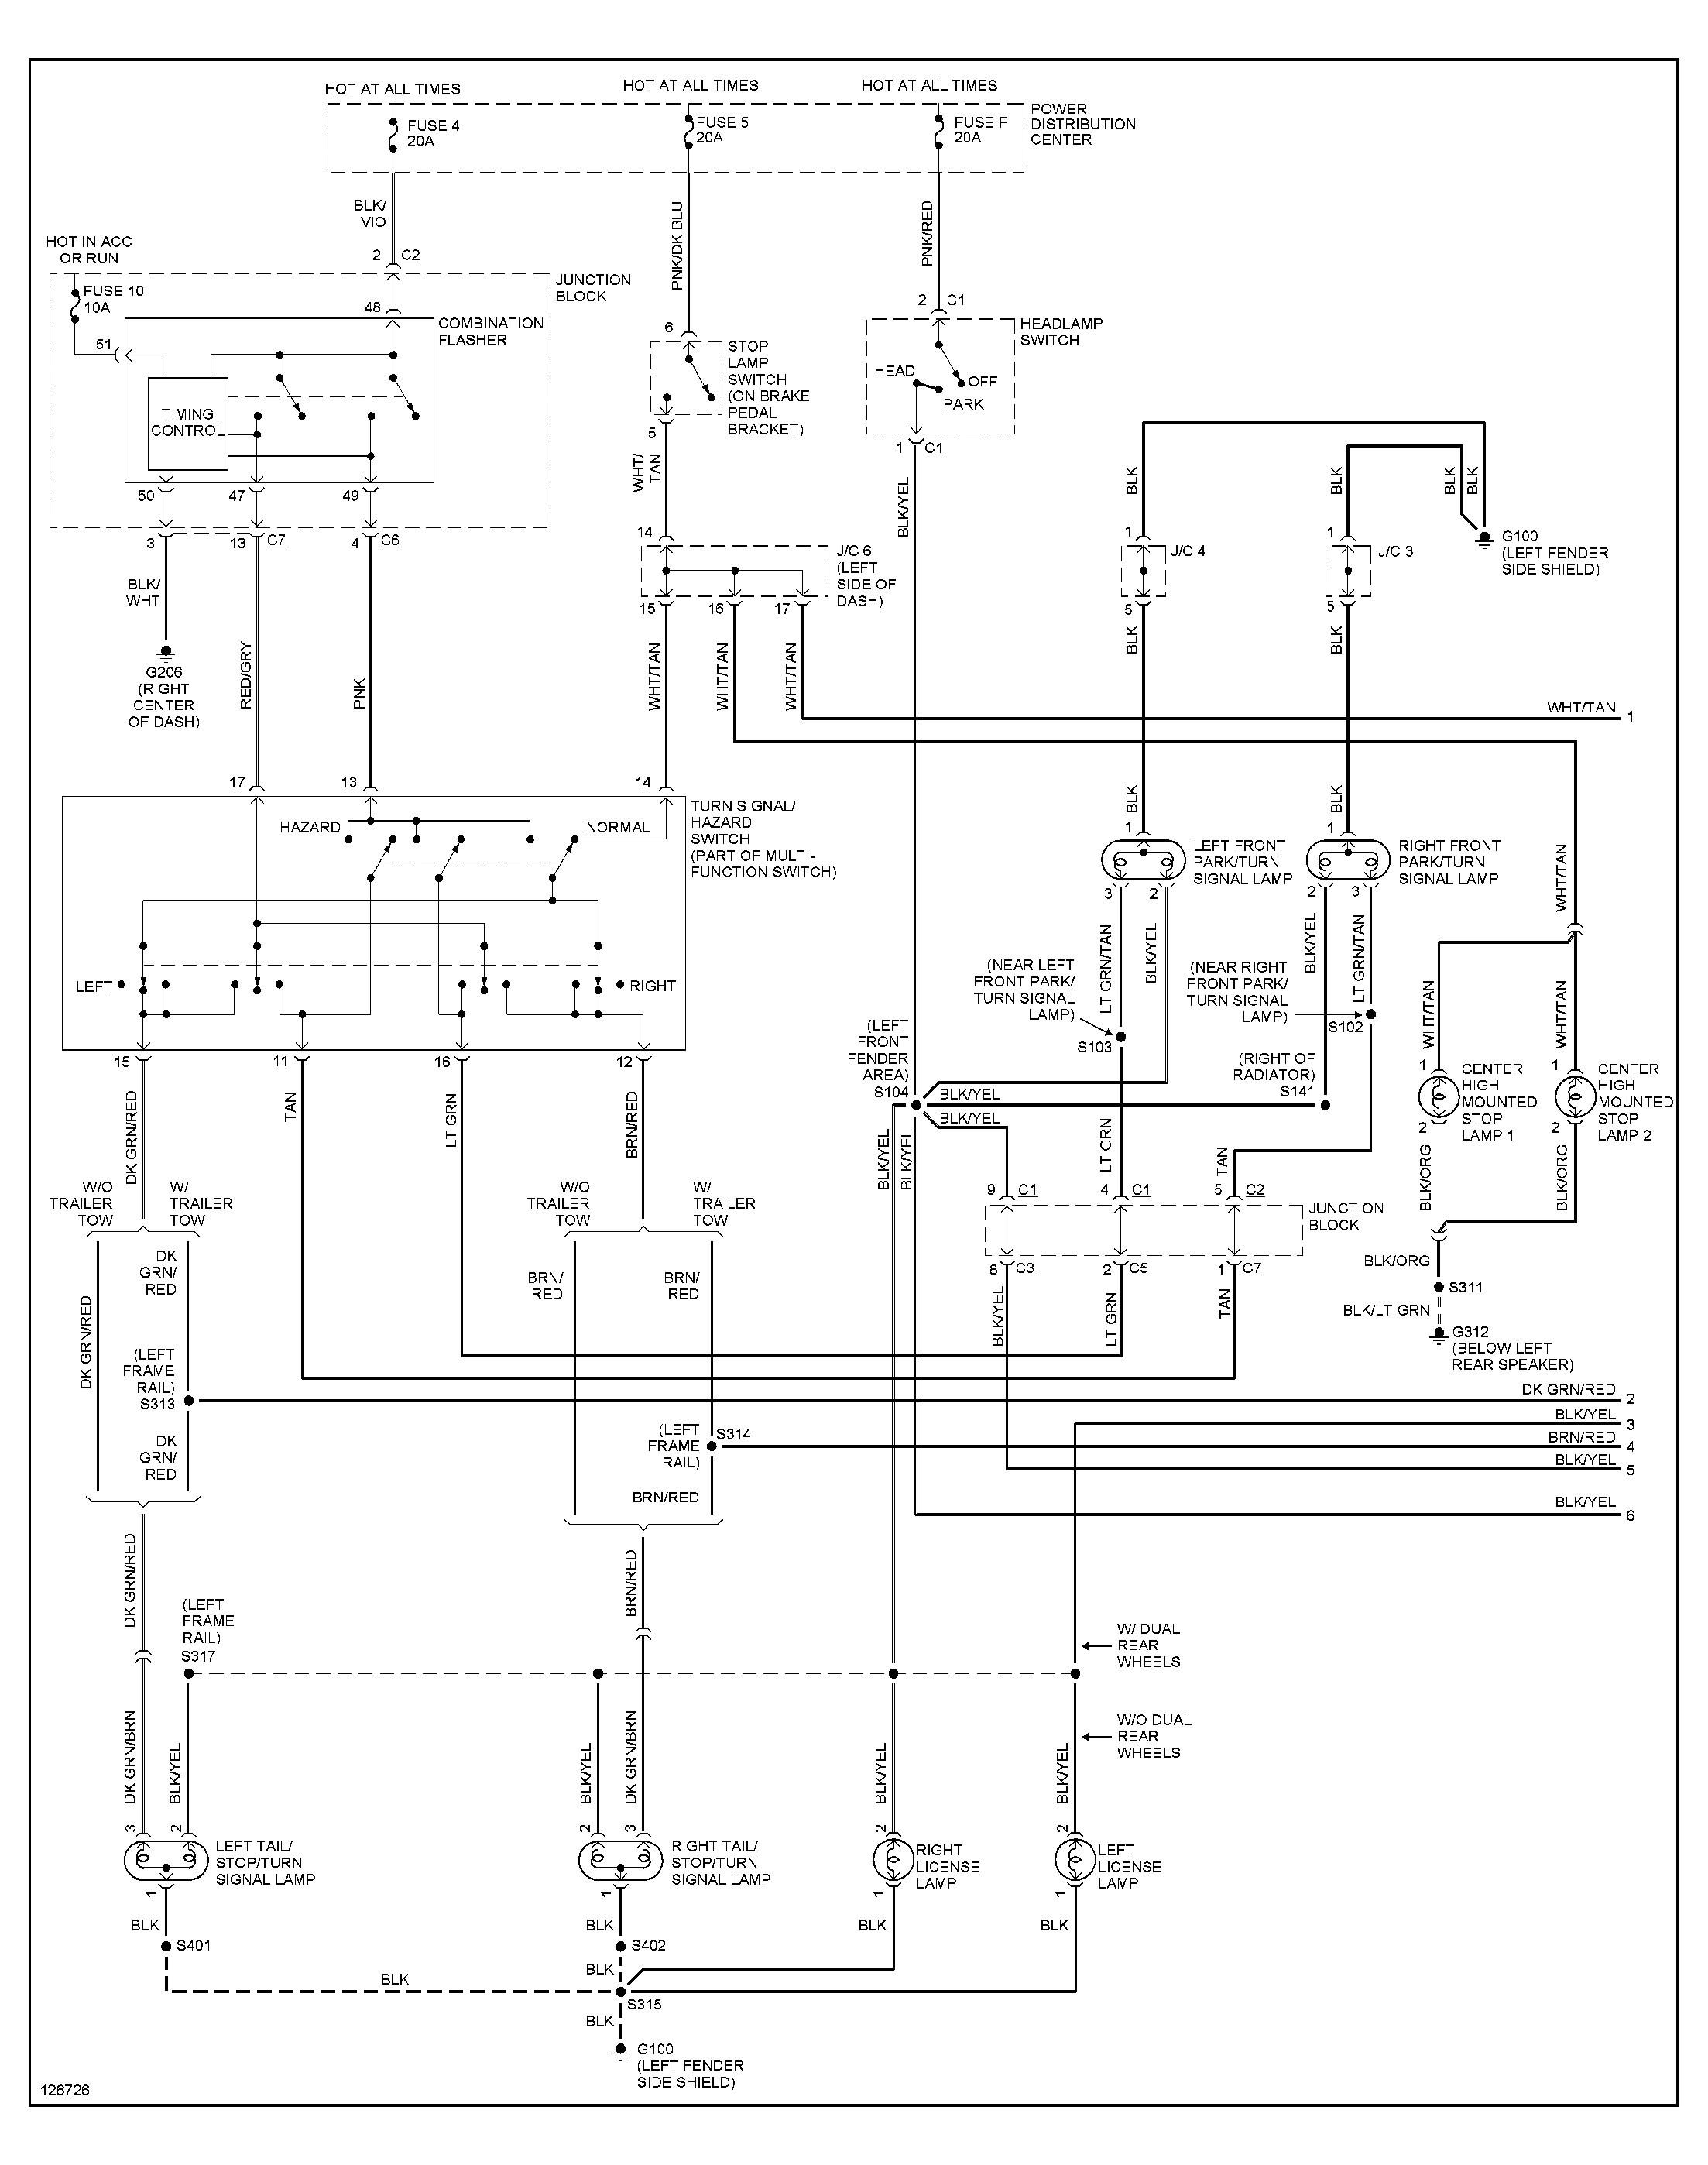 2004 Dodge Ram 1500 Engine Diagram Diesel Engine Diagram Labeled Unique 2007 Dodge Ram 1500 Light Of 2004 Dodge Ram 1500 Engine Diagram